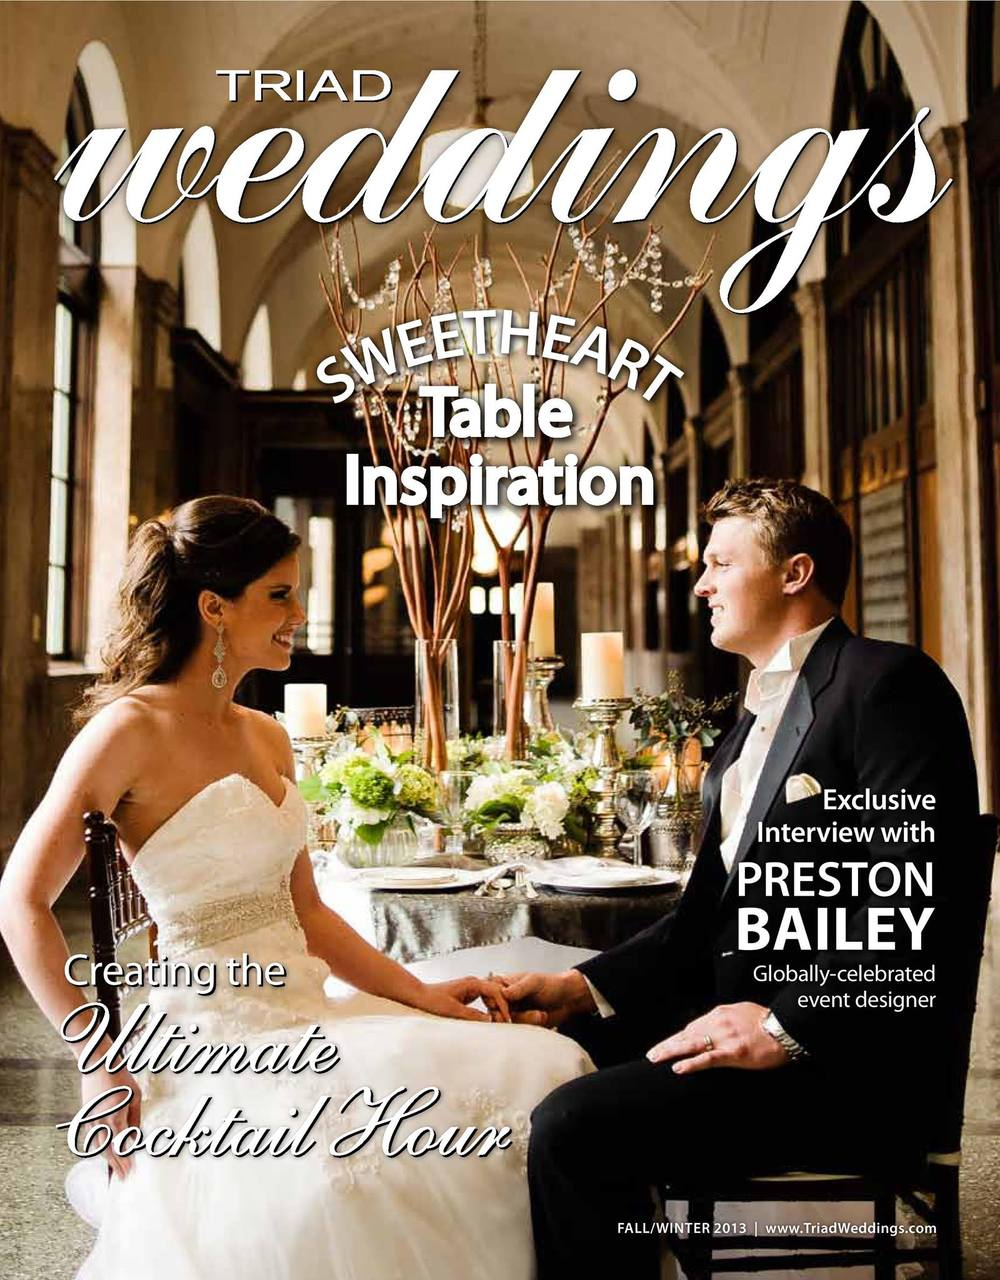 Triad Weddings Magazine